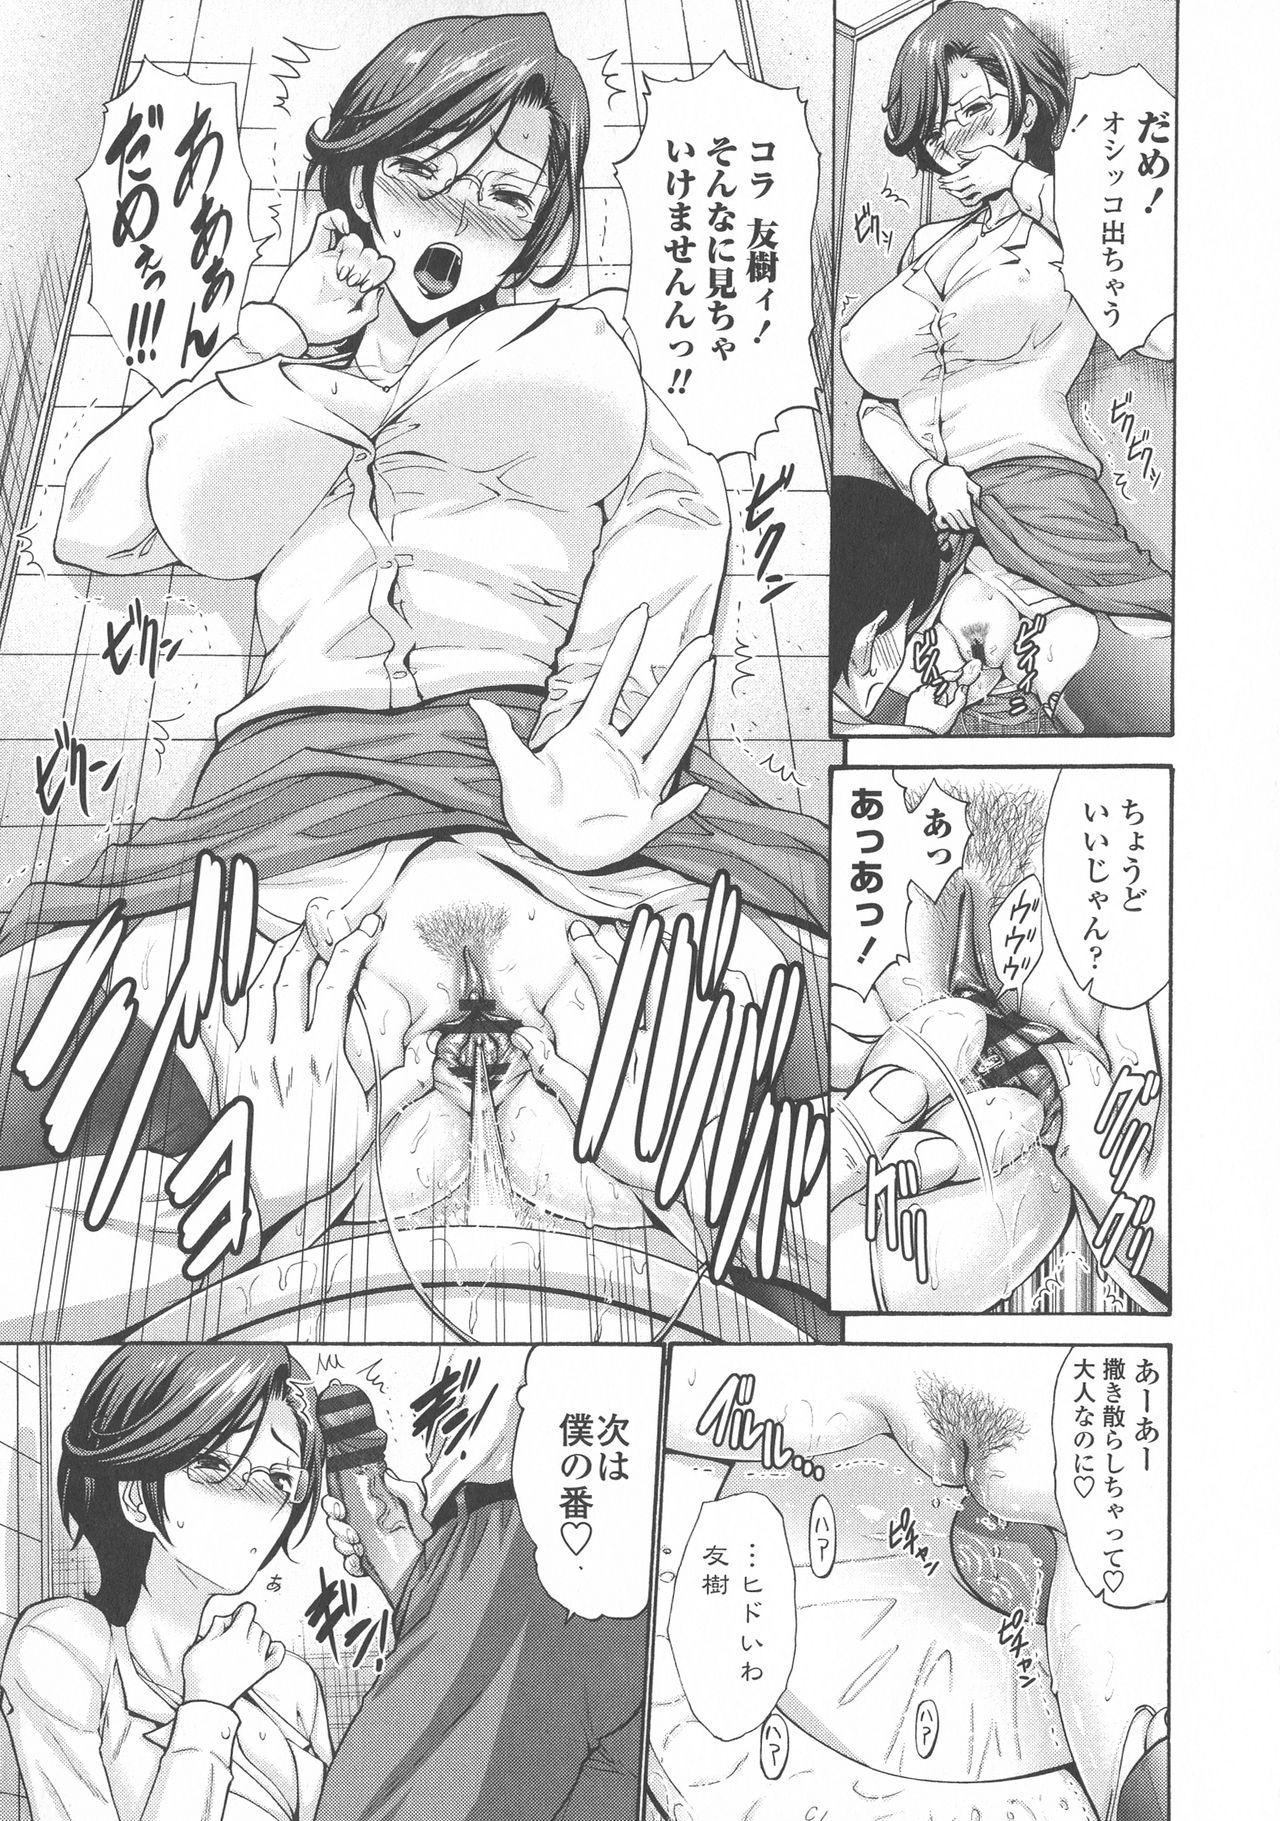 Tomodachi no Haha wa Boku no Mono - His Mother is My Love Hole 177